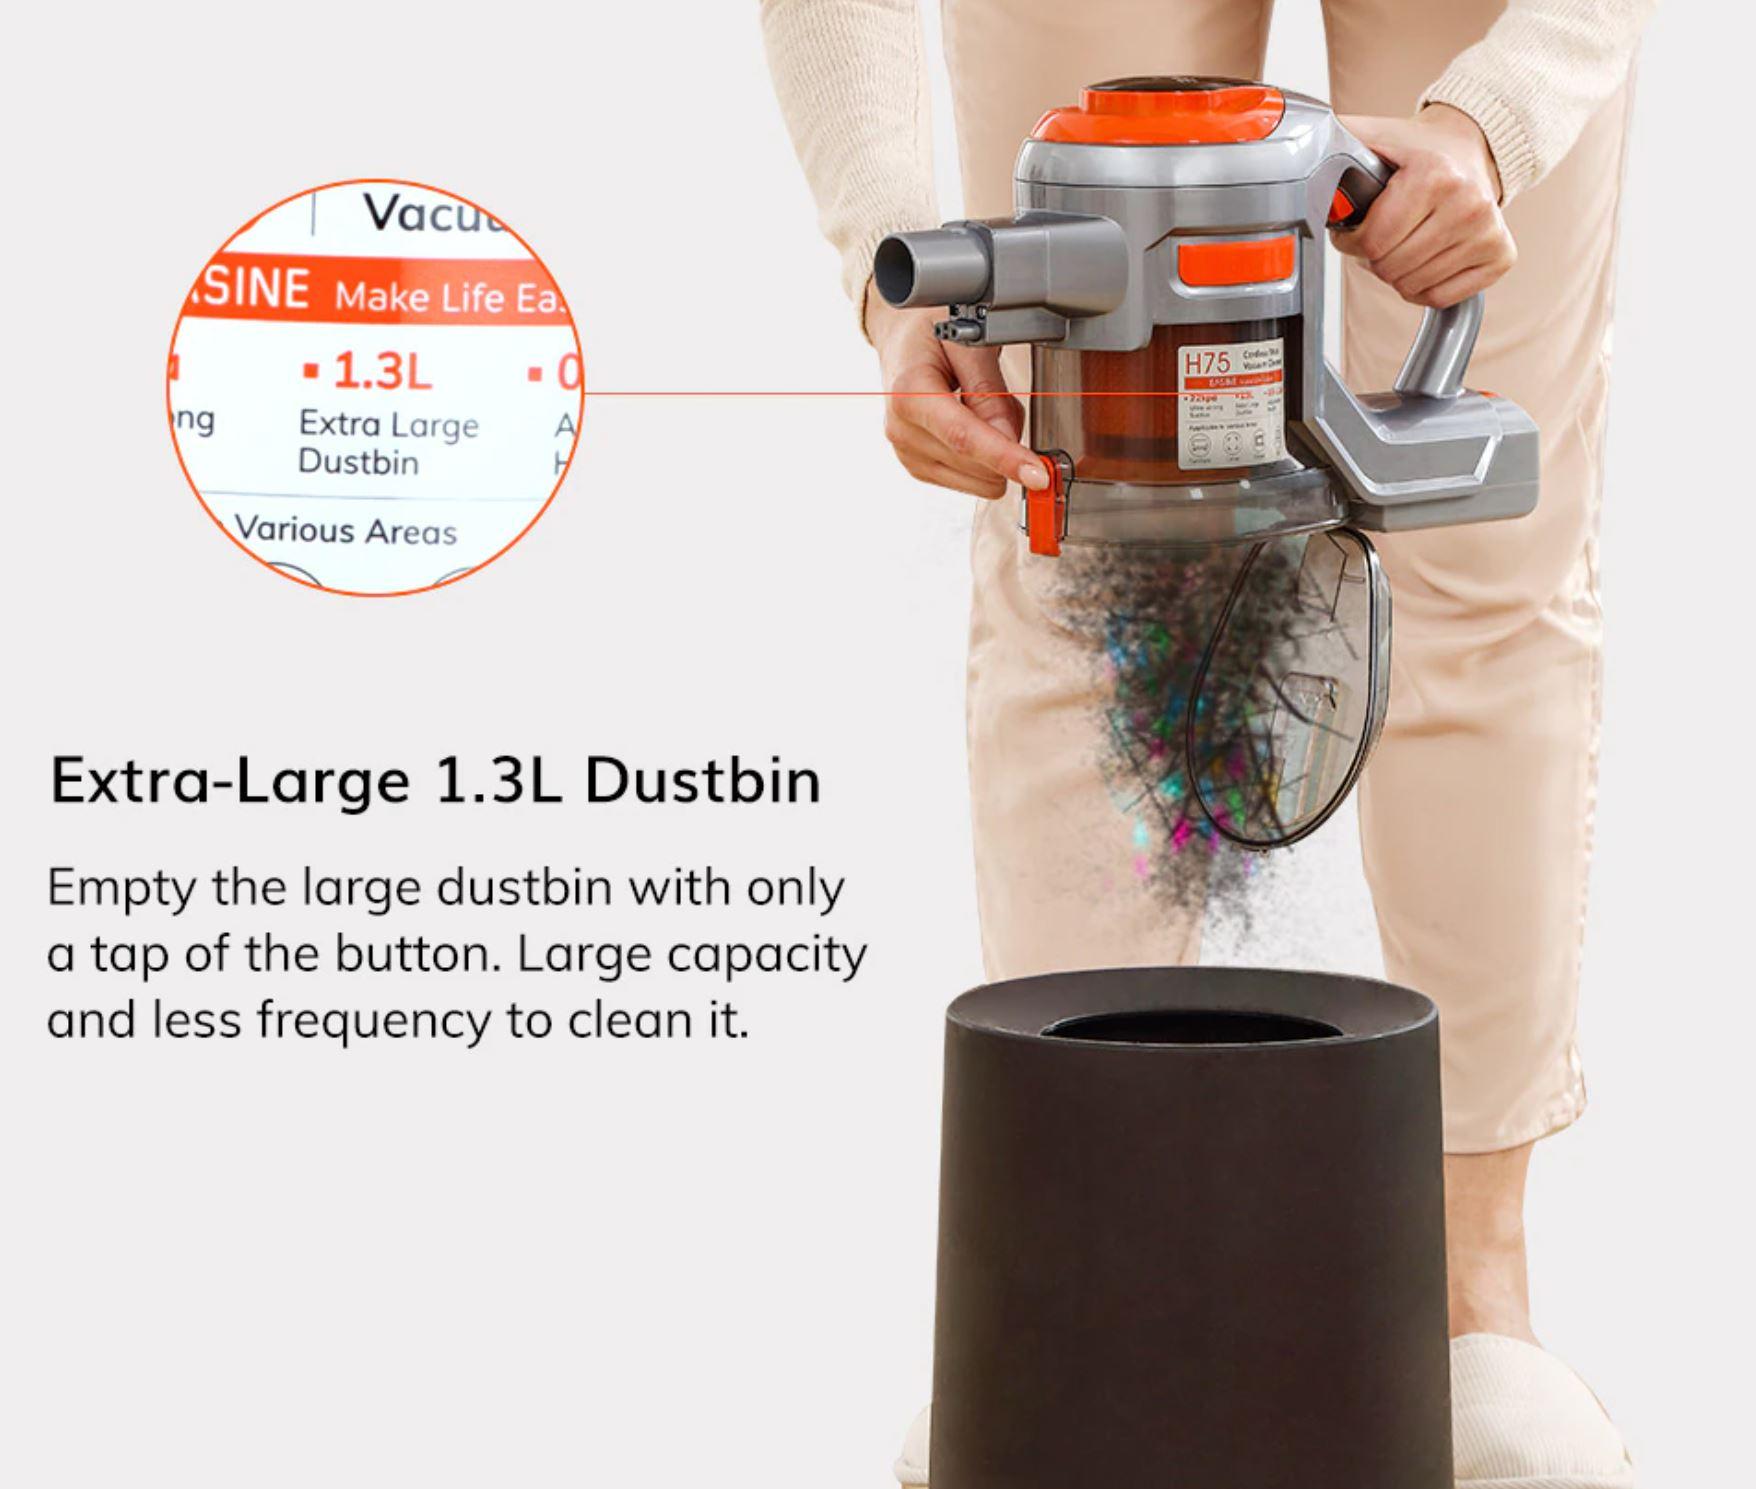 bezprzewodowy odkurzacz pionowy Easine by iLife H75 - pojemnik na kurz